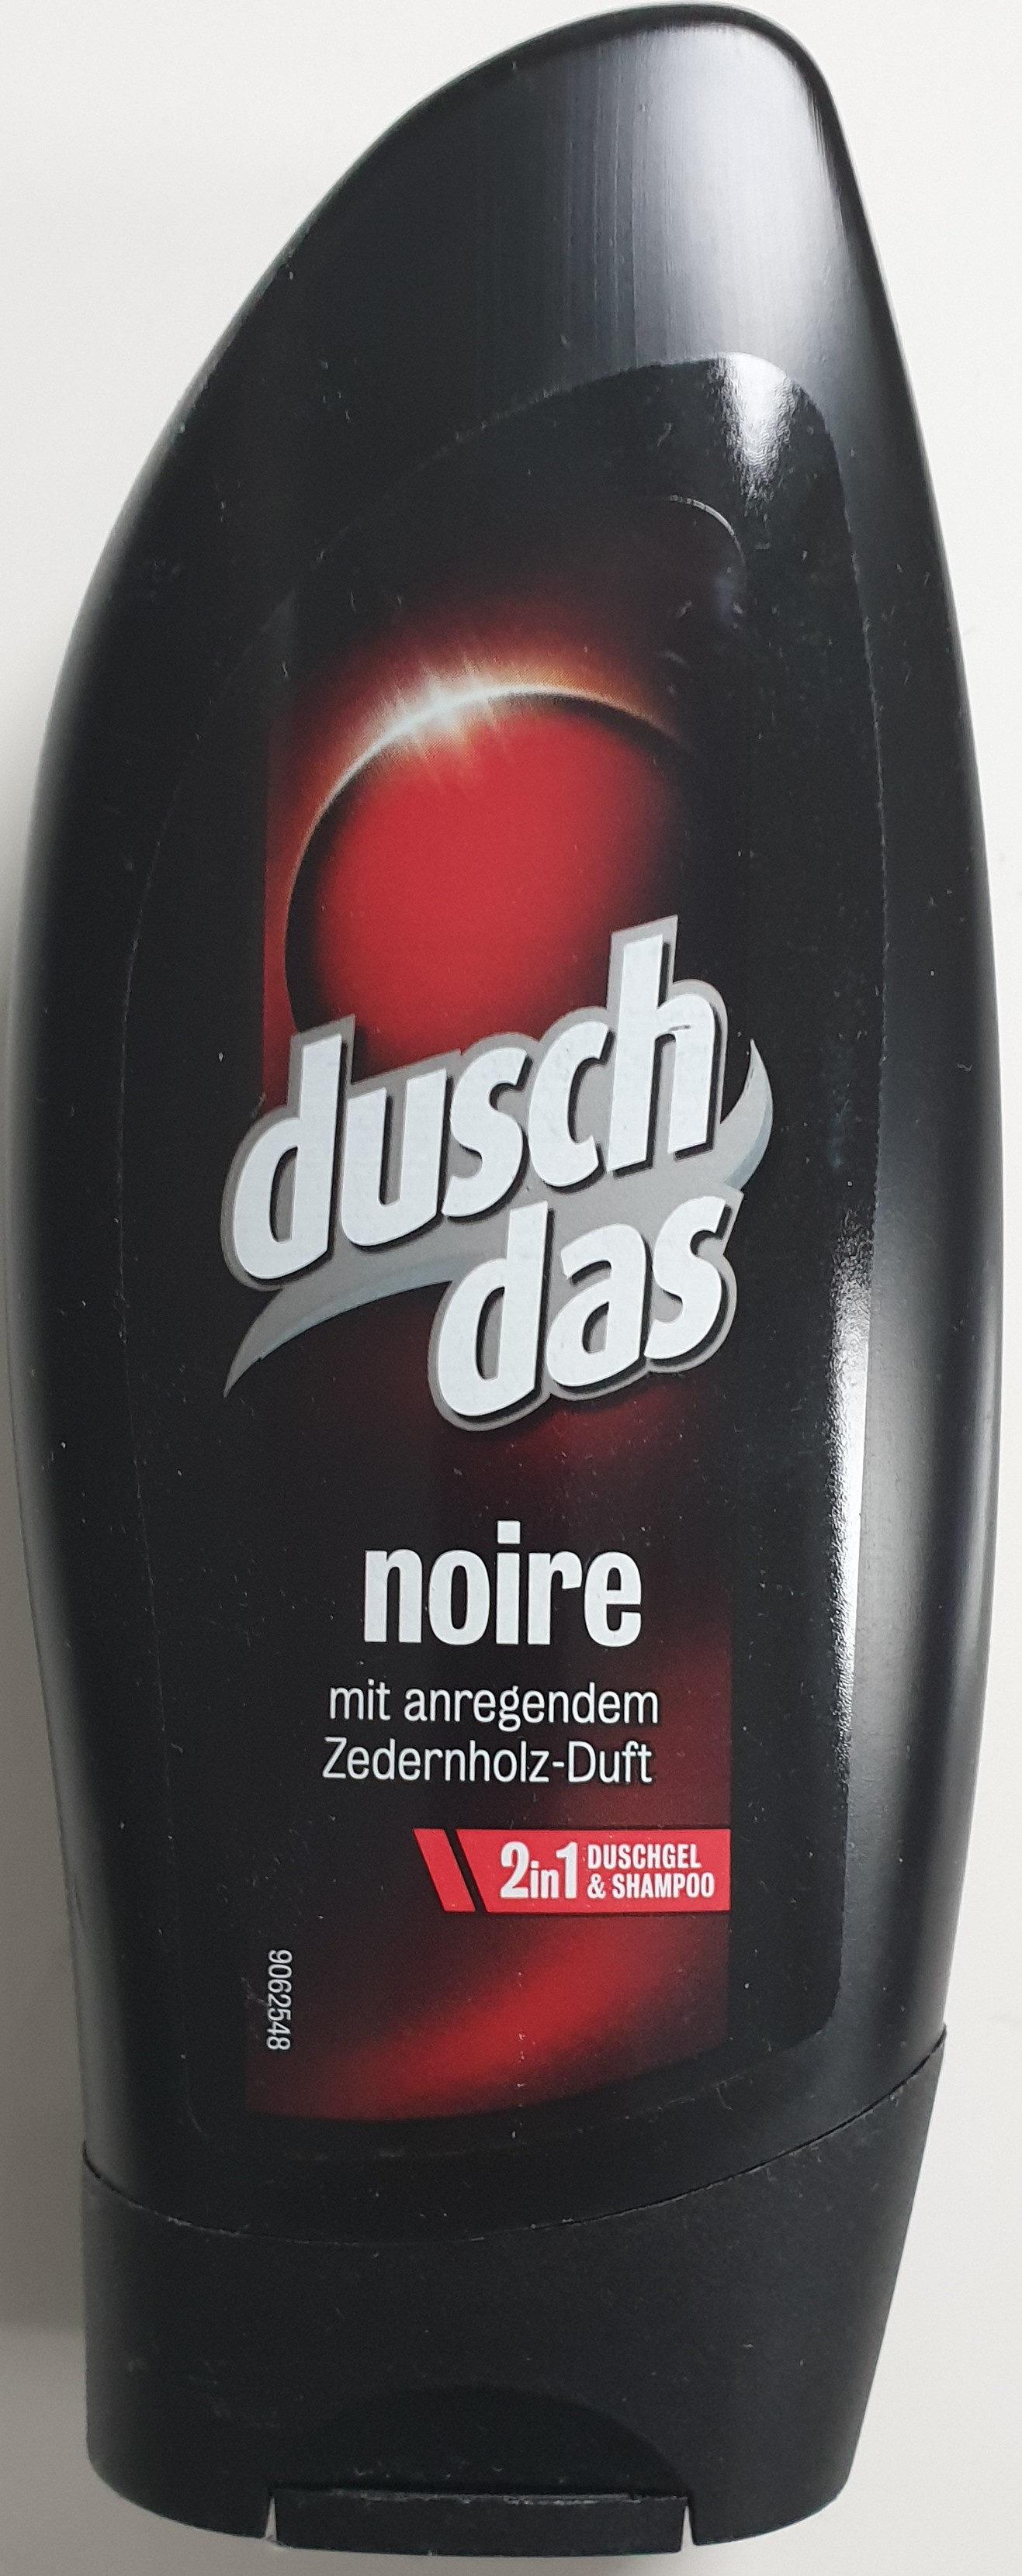 noire - Product